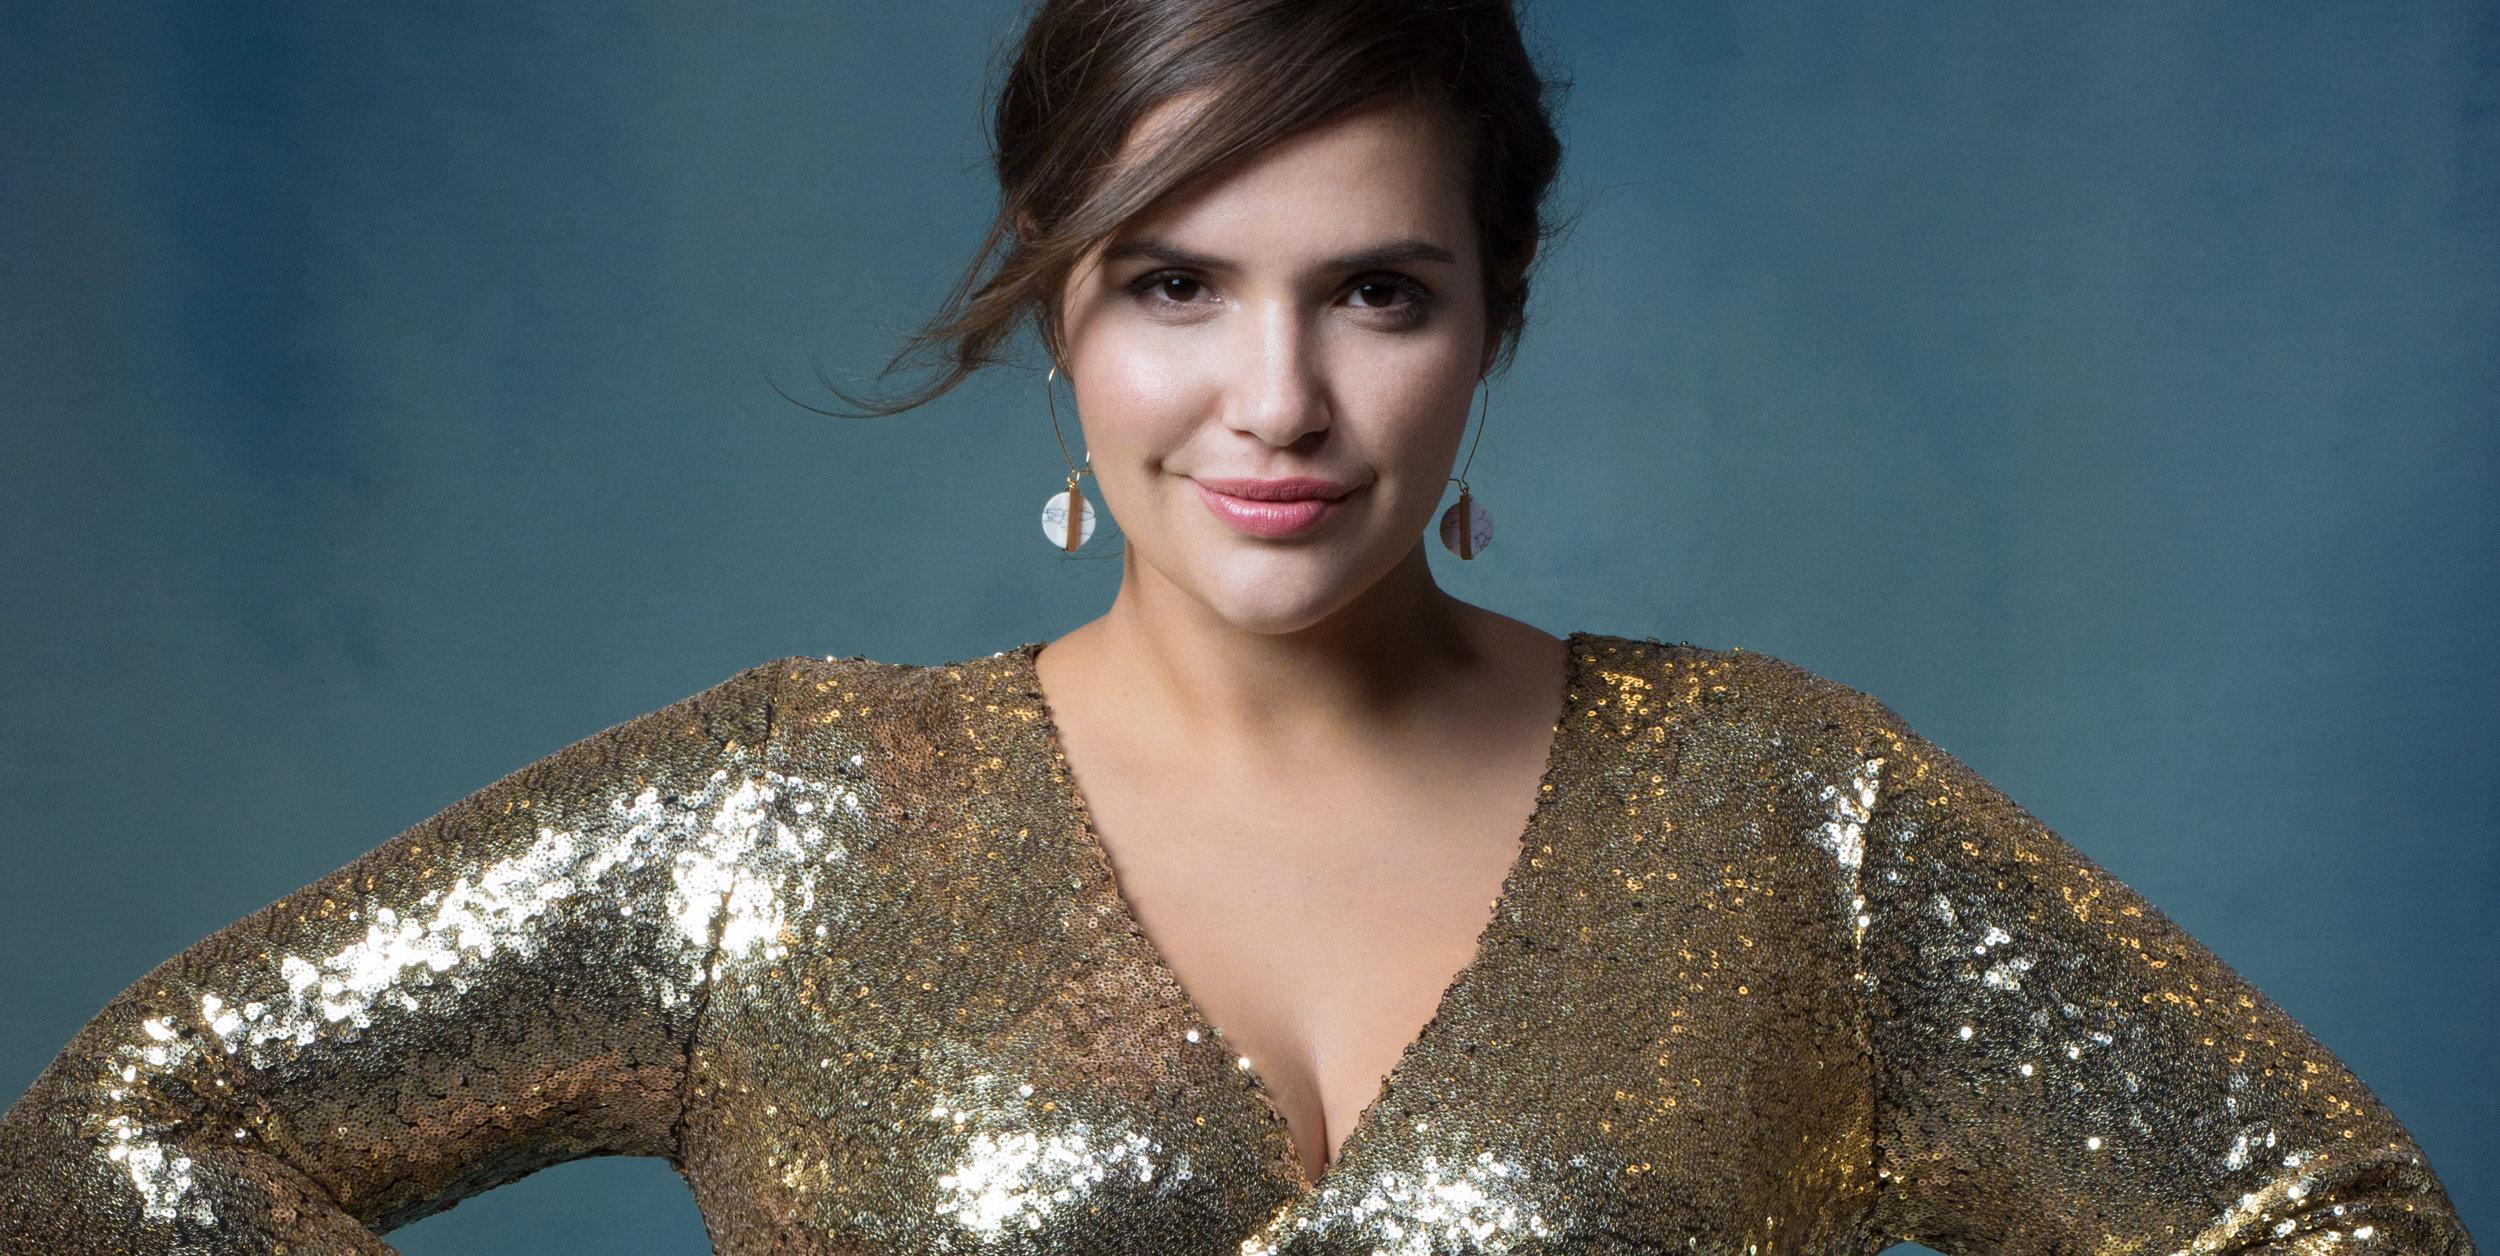 editorial-gold-dress_1589-e1485195193546.jpg